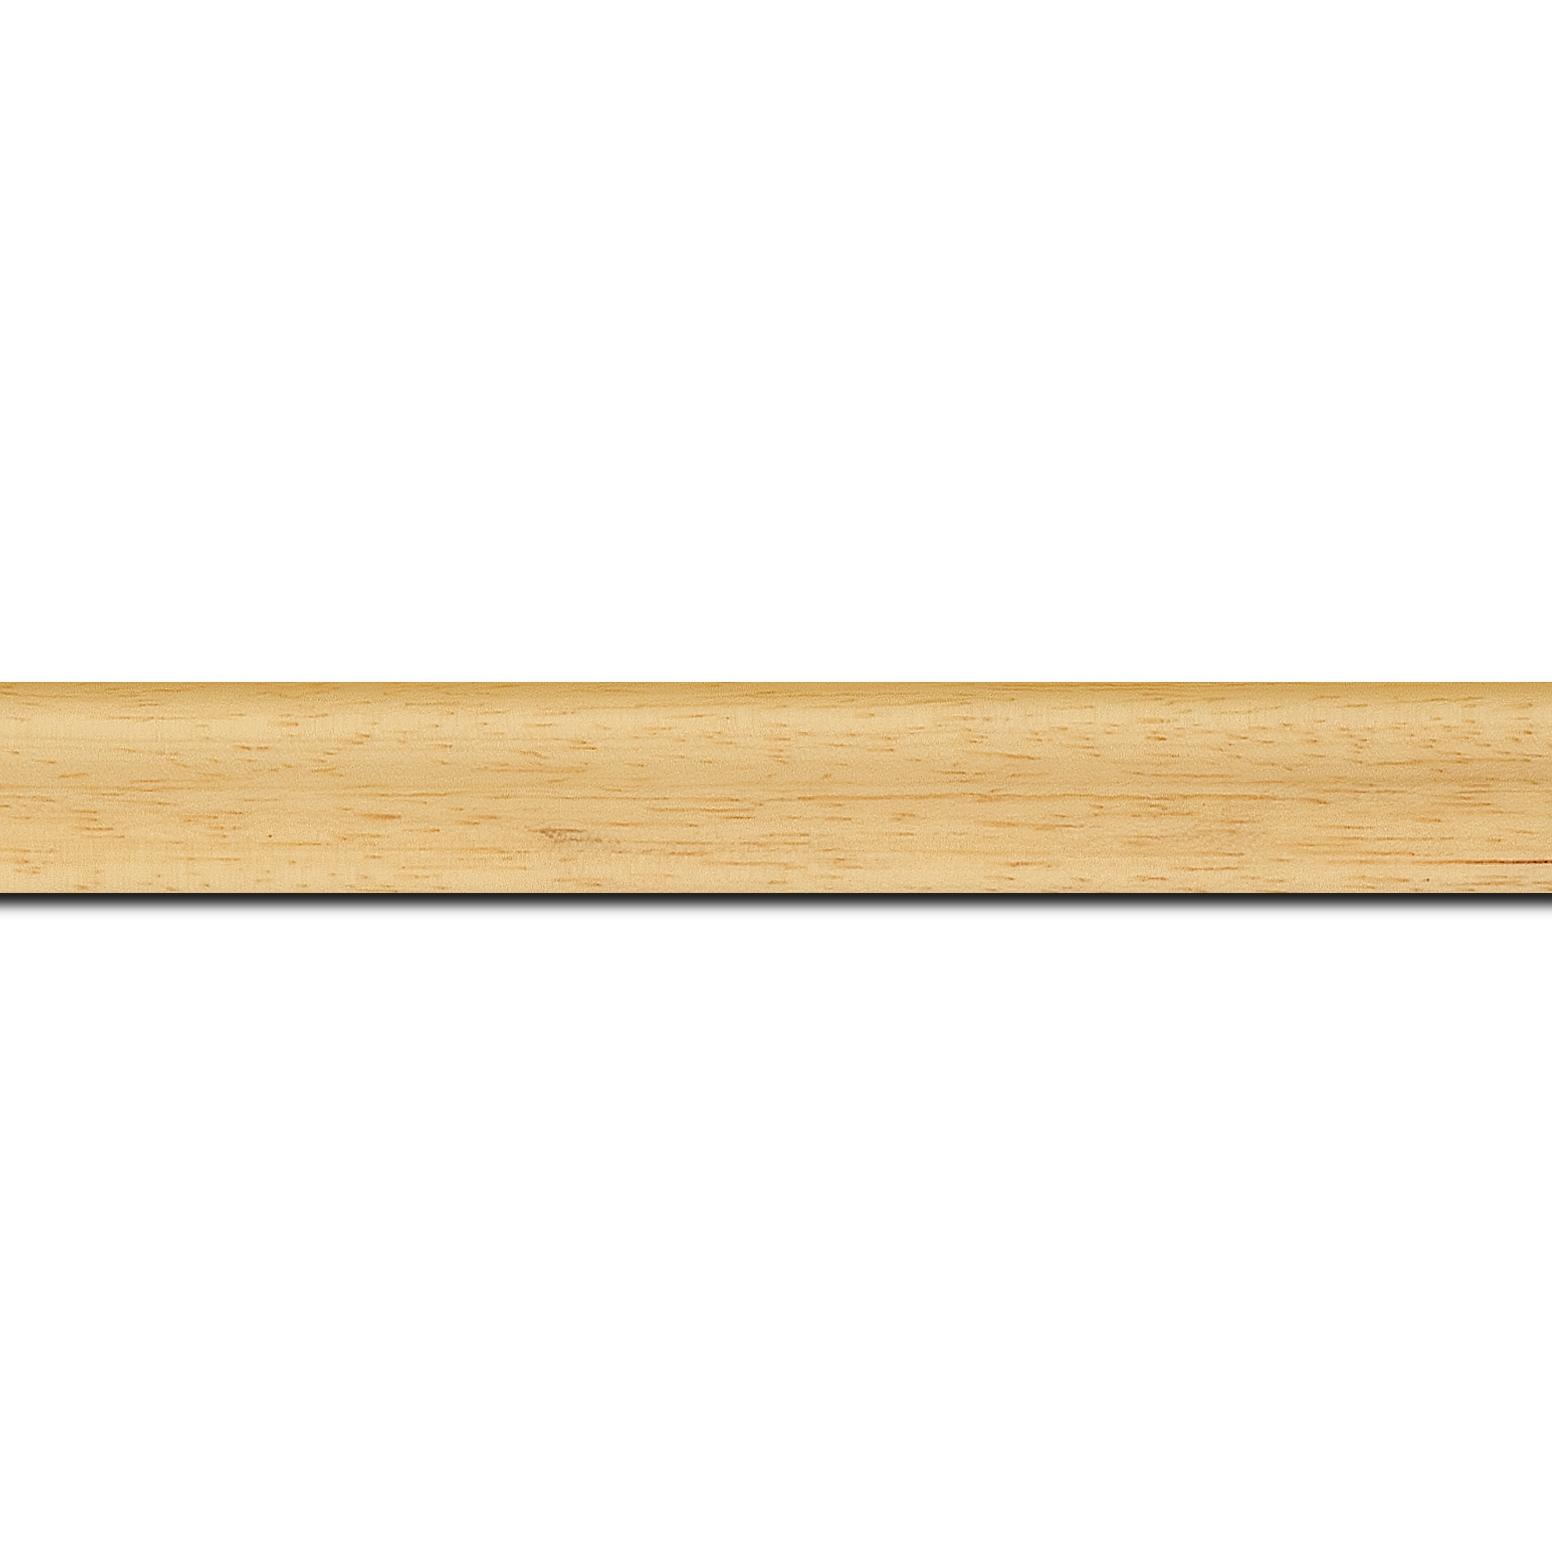 Baguette longueur 1.40m bois profil incuvé largeur 2.1cm couleur naturel satiné